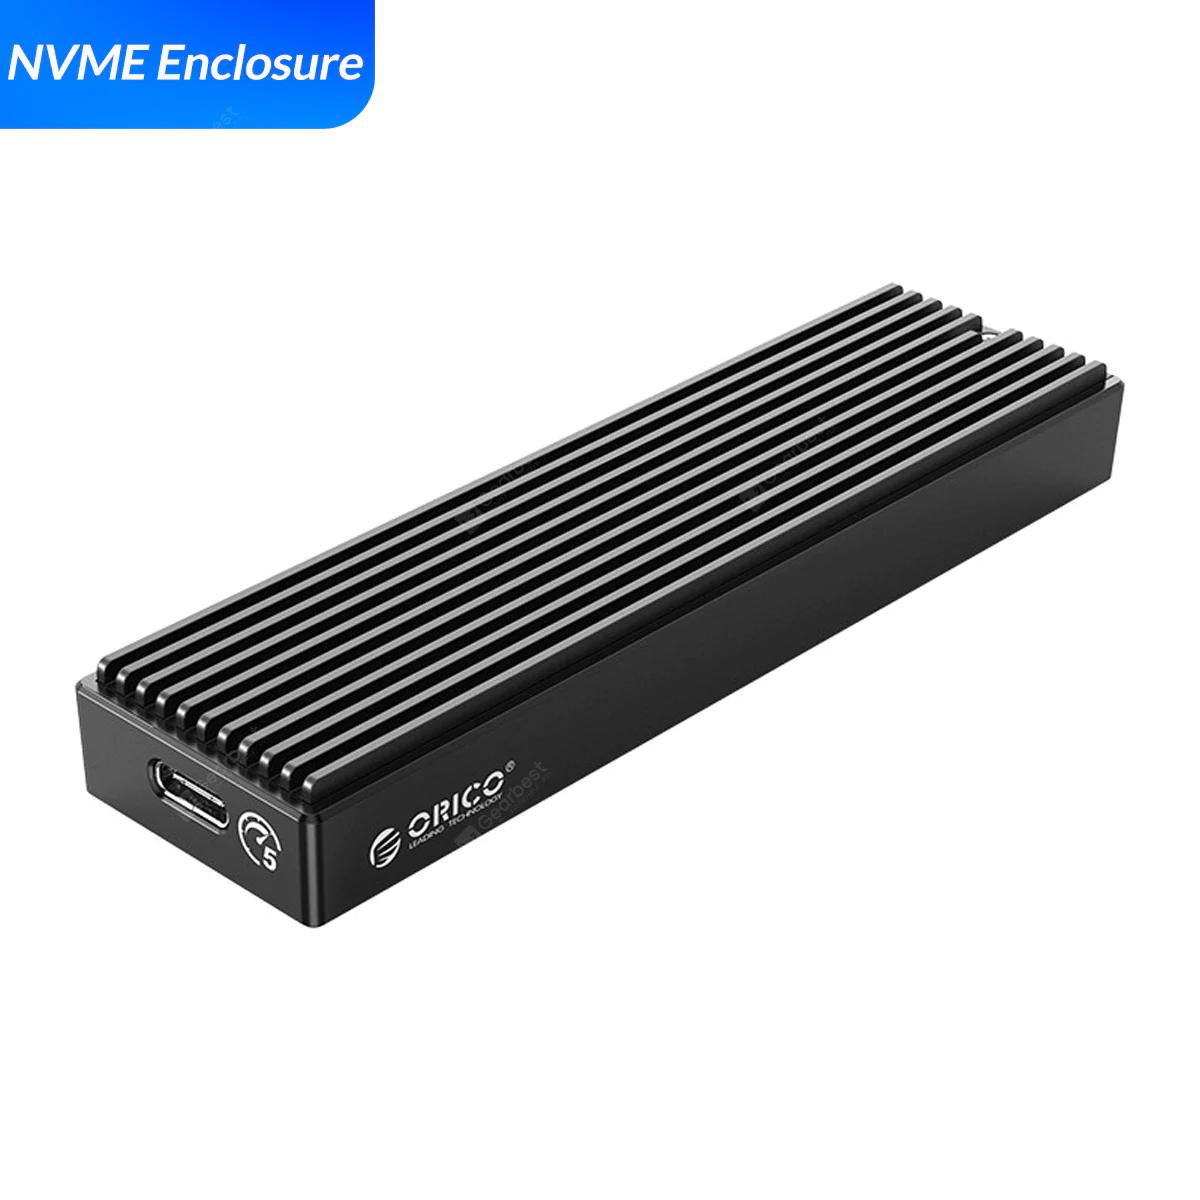 ORICO LSDT M.2 NVME Enclosure USB C Gen2 10Gbps SSD Case für 11,94€